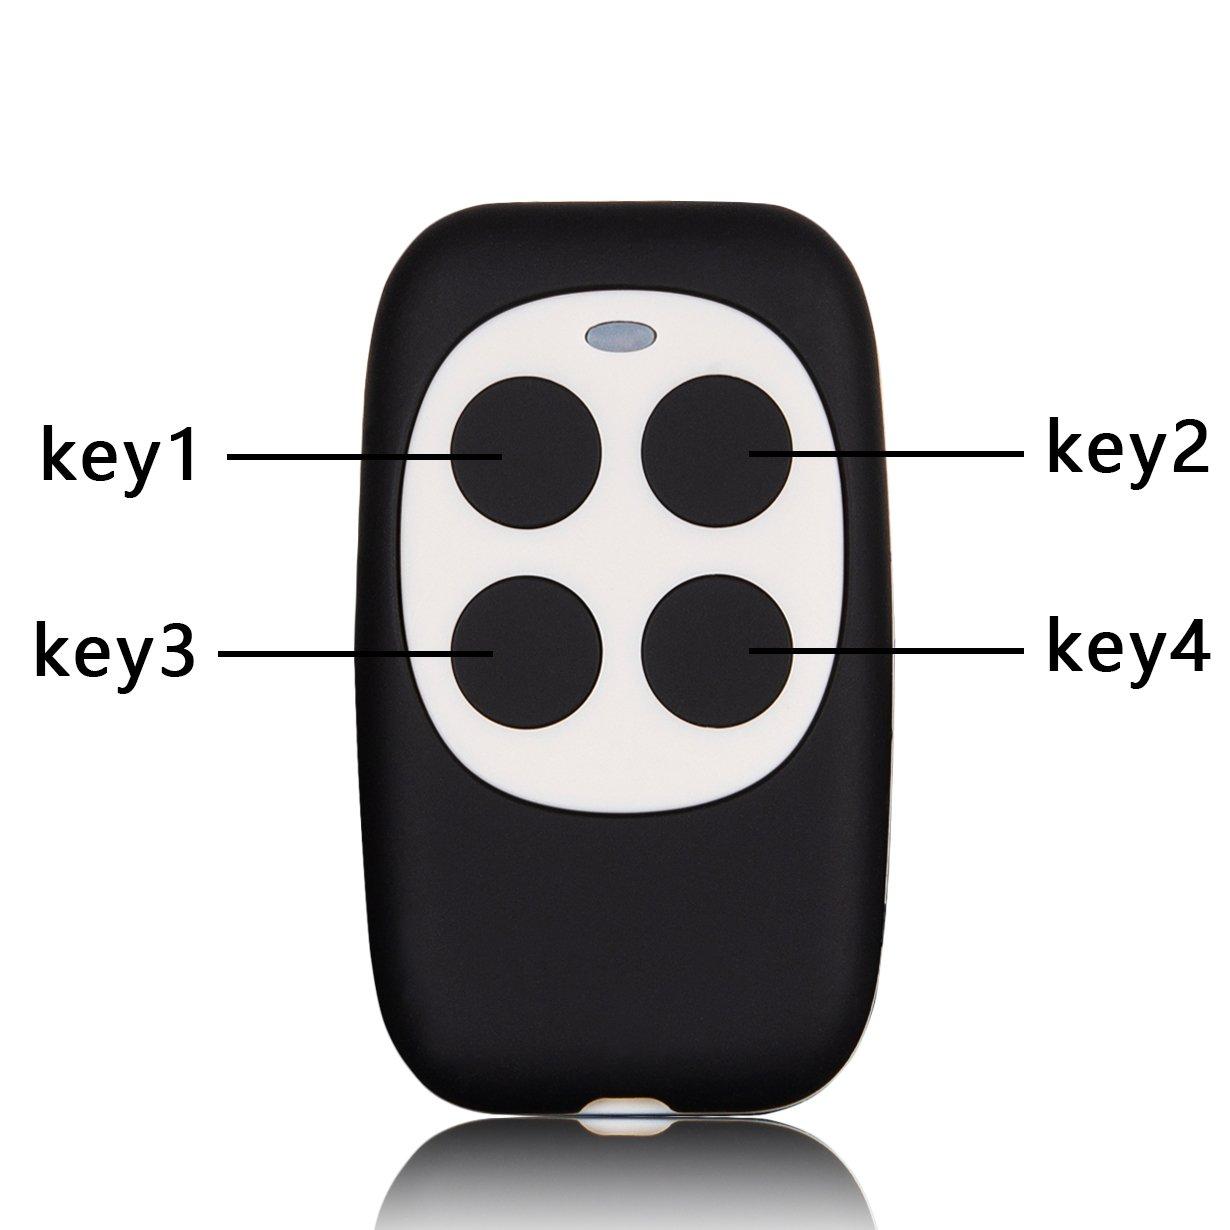 xihada固定コード、ローリングコードガレージドアリモートコントローラDuplicator/リモートキーレスキーマルチ周波数280 mhz-350mhz/380mhz-450mhz/867mhz-868mhzカラーブラックwithホワイト B07CYFJMF8 18041